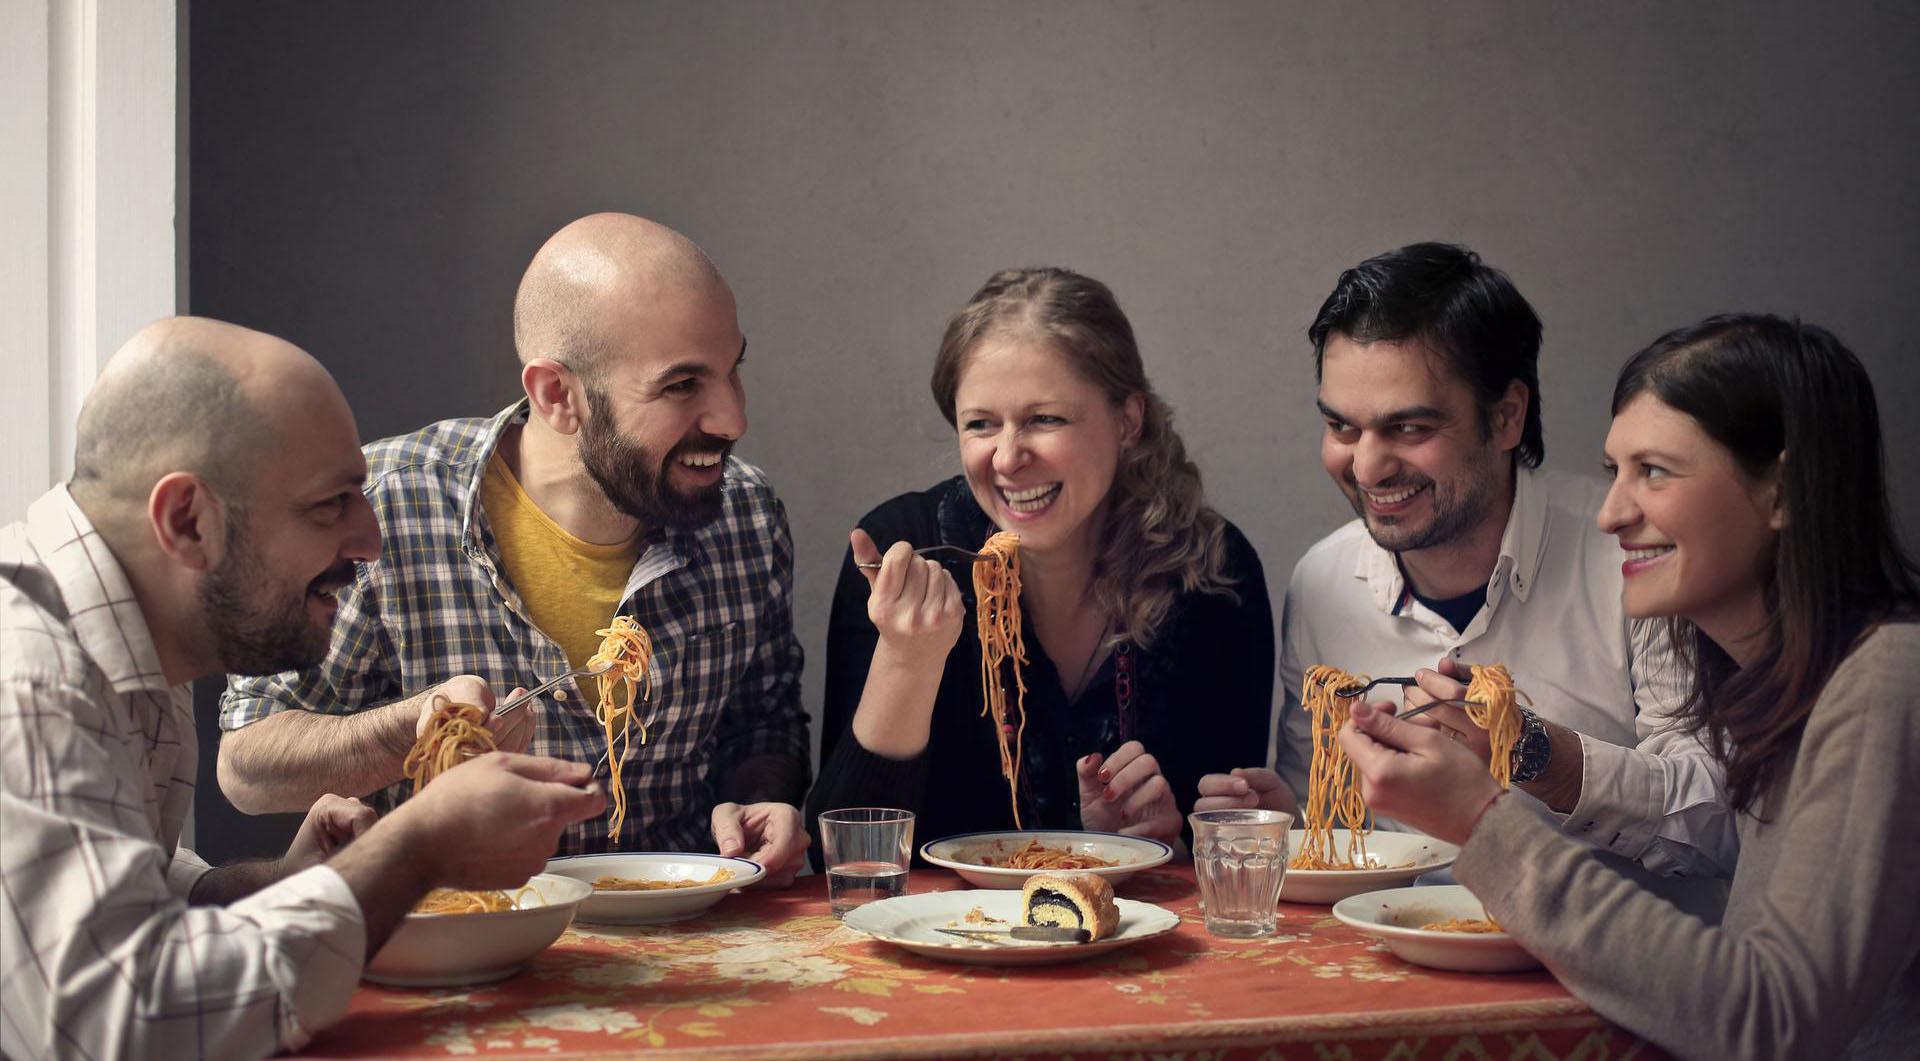 Italiani pasta lovers